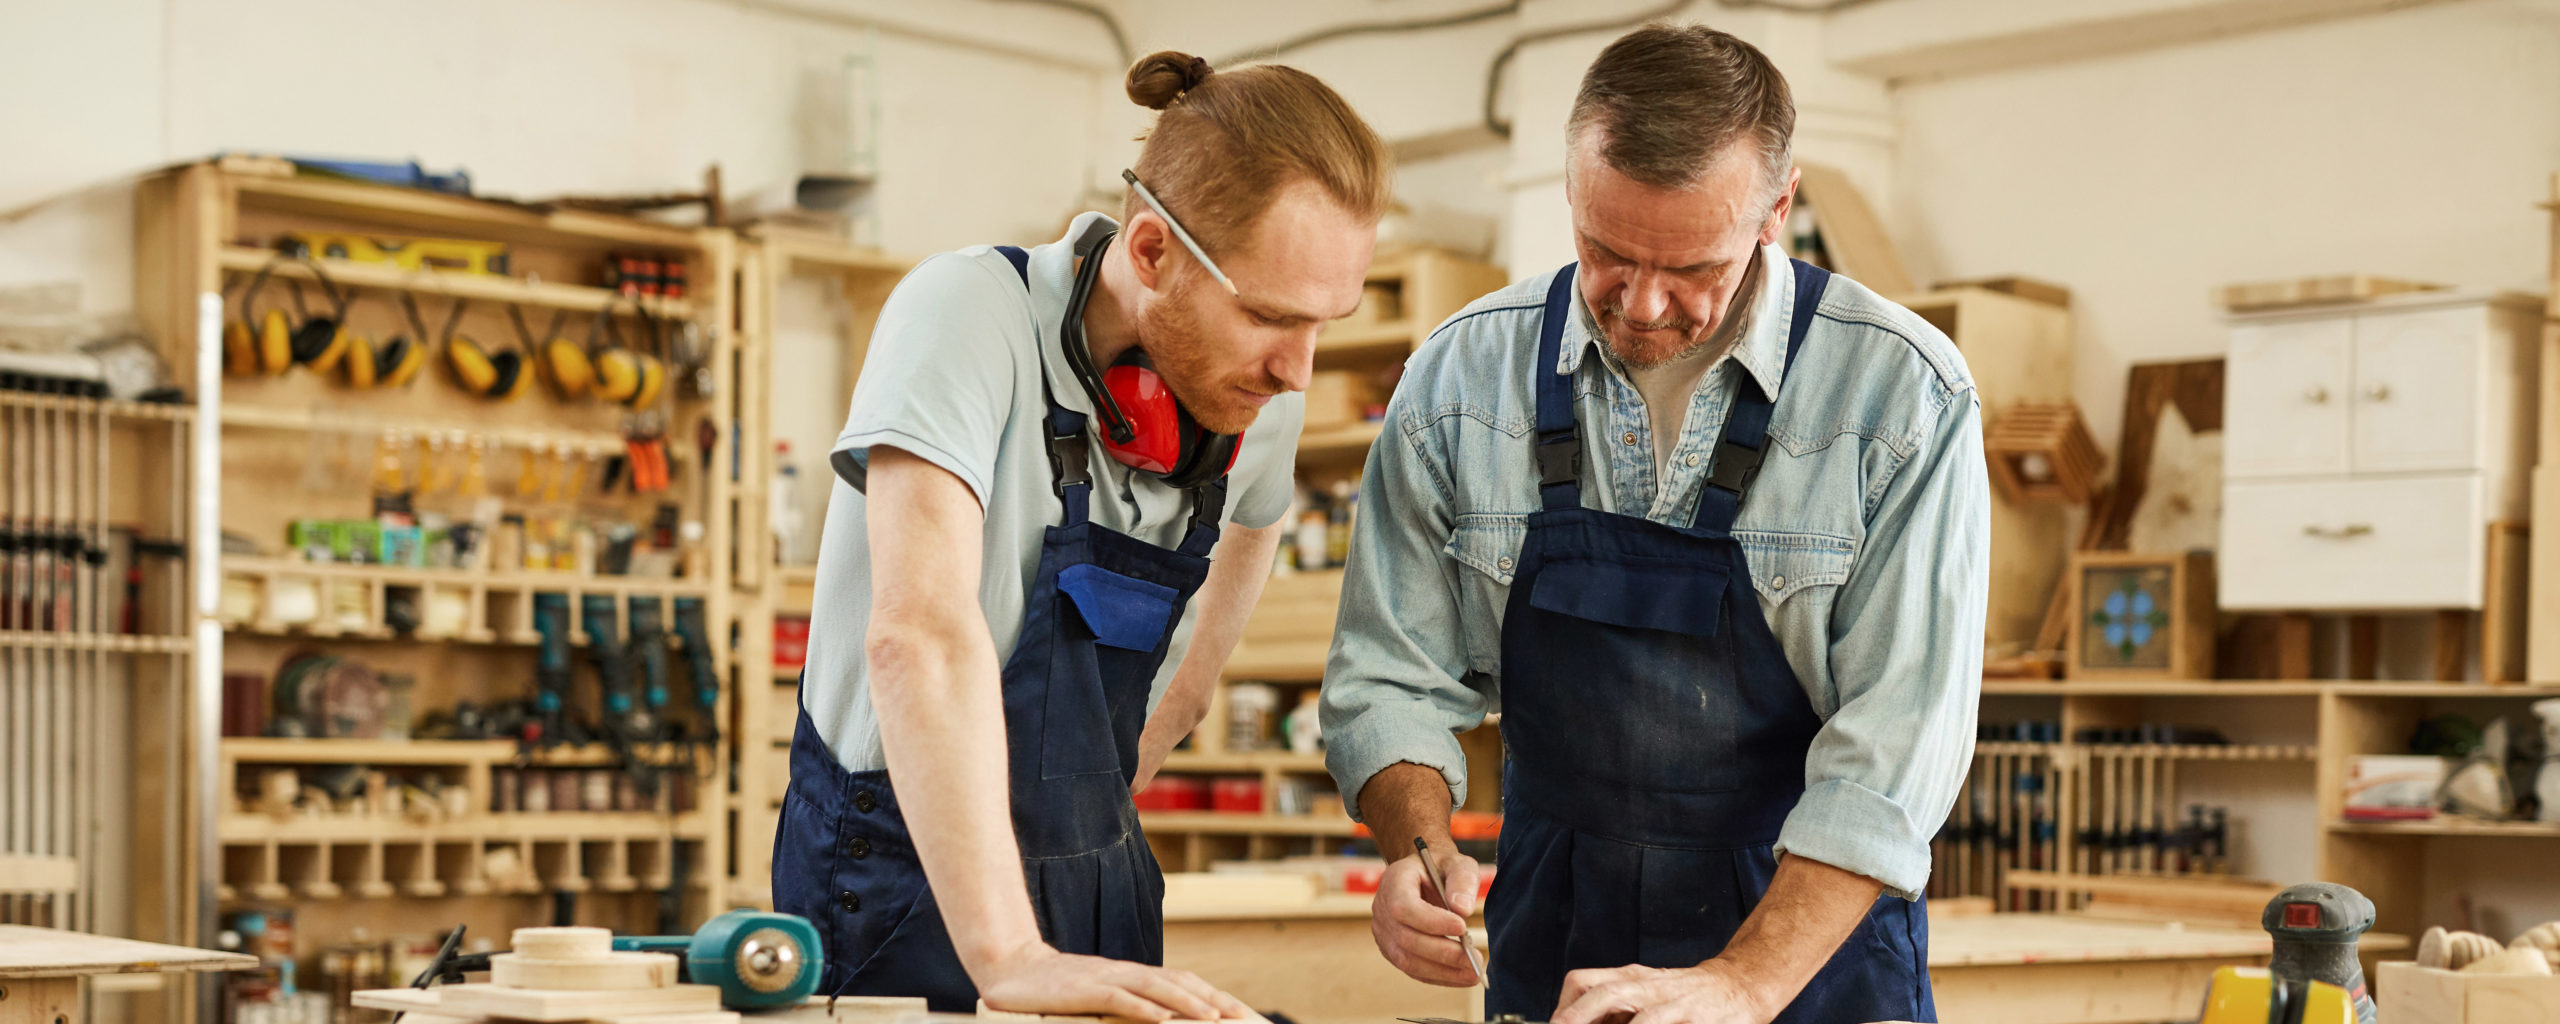 Recrutement des apprentis : aide financière exceptionnelle